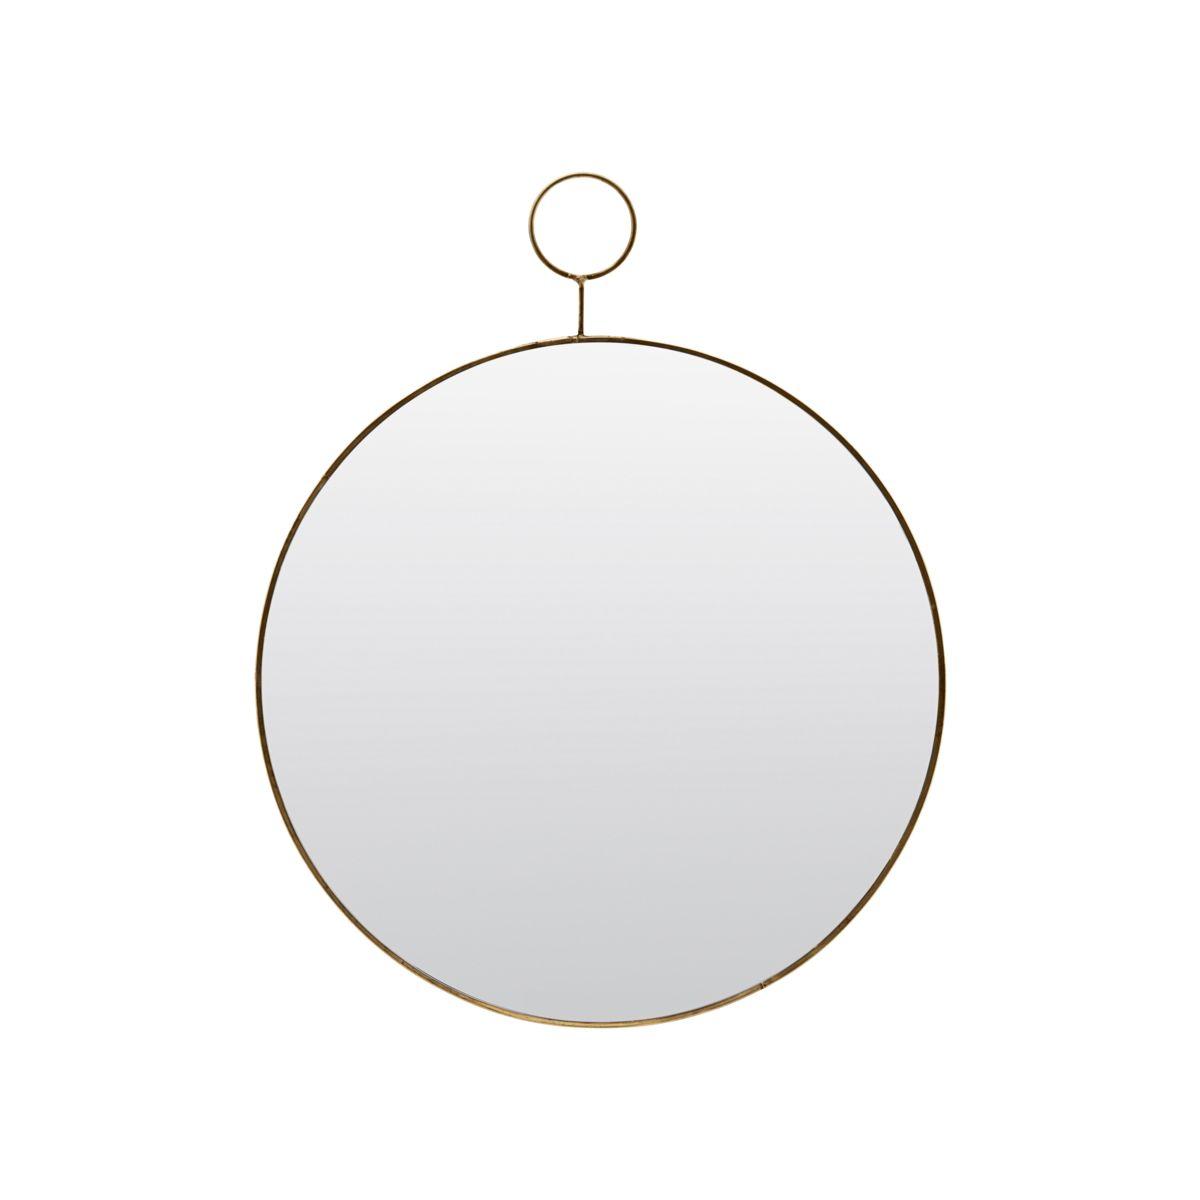 Spegel, The Loop, Mässing House Doctor